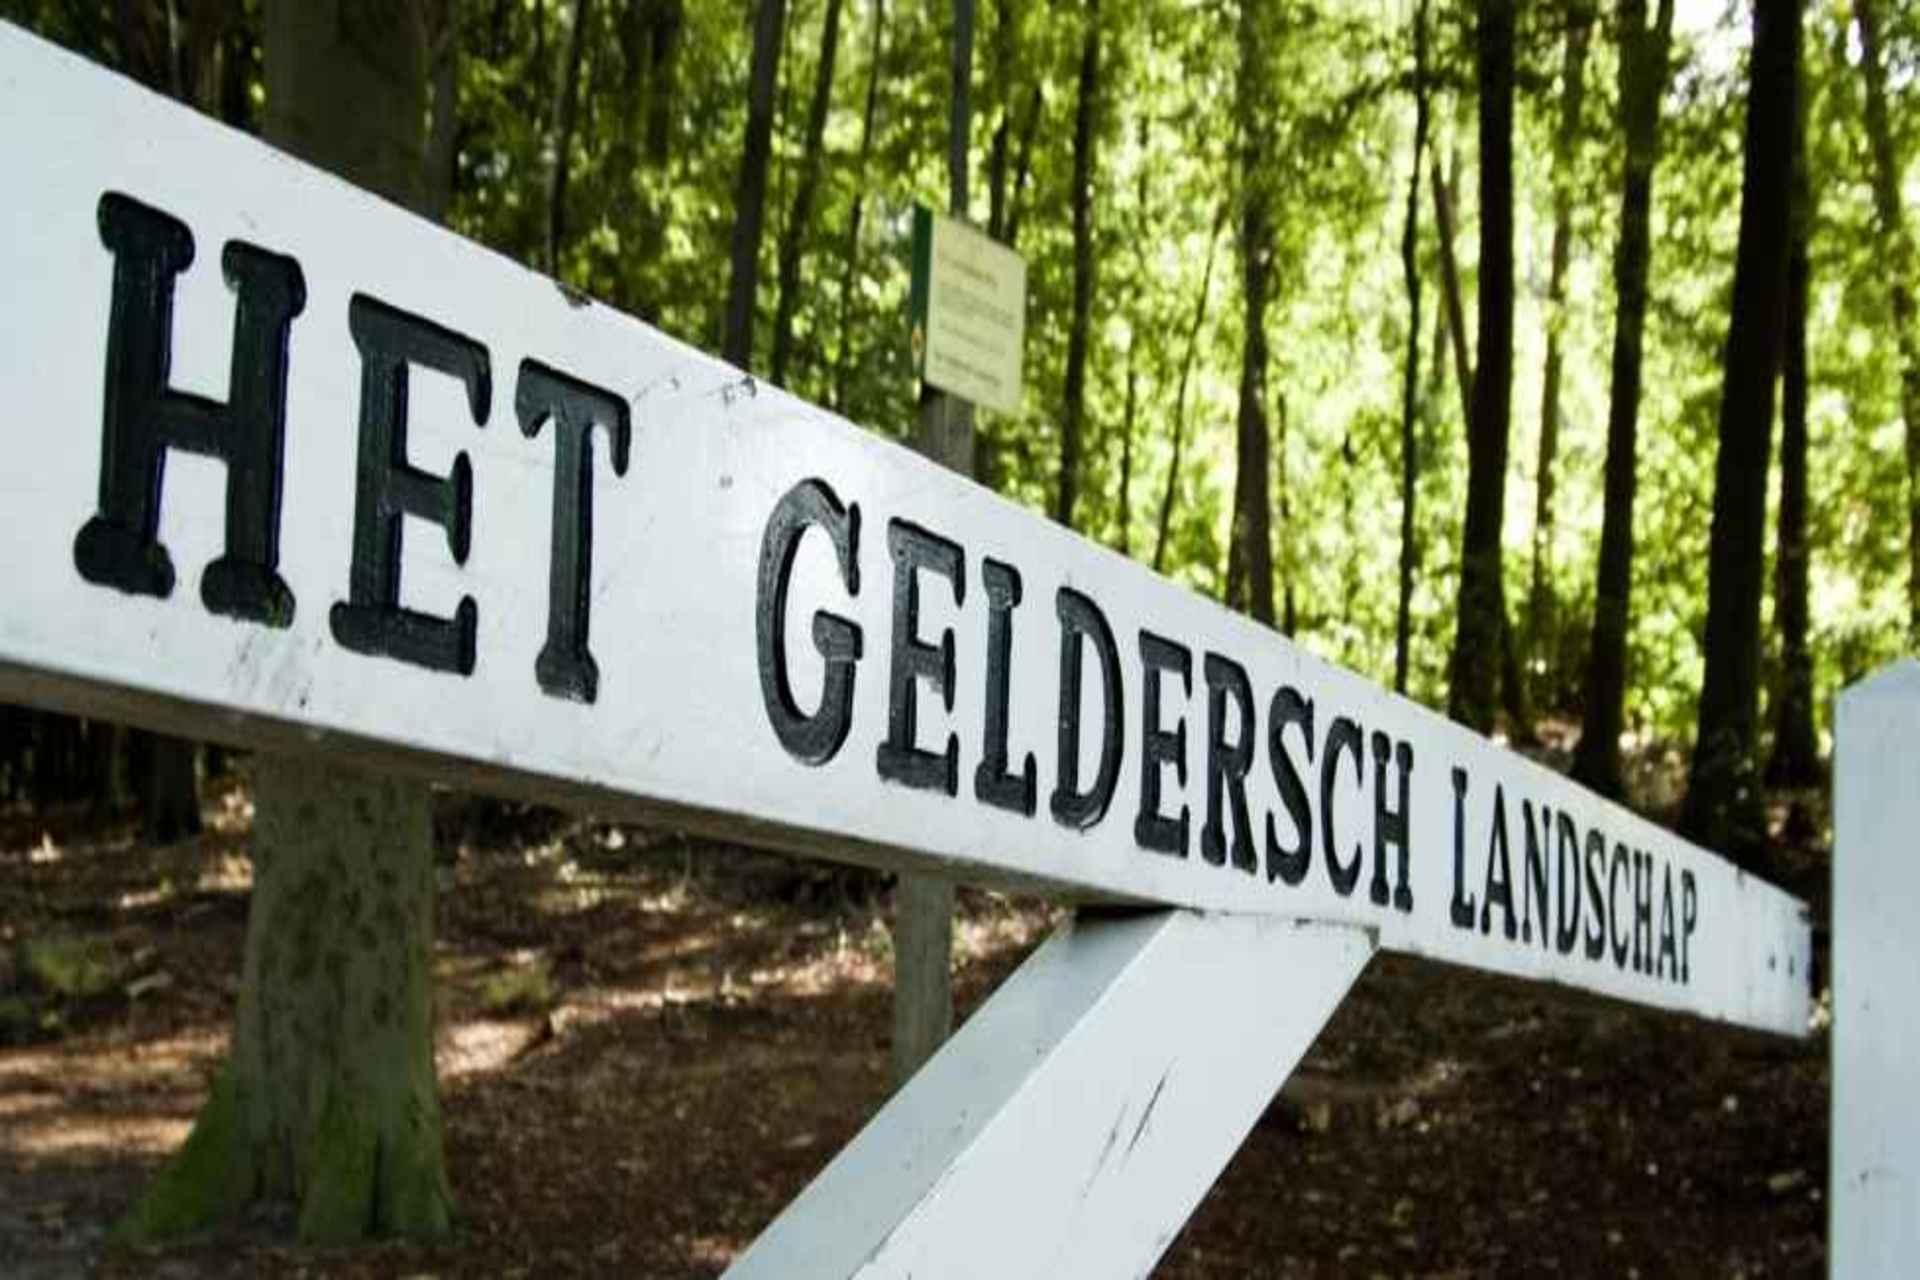 Geldersch Landschaft & Schloss